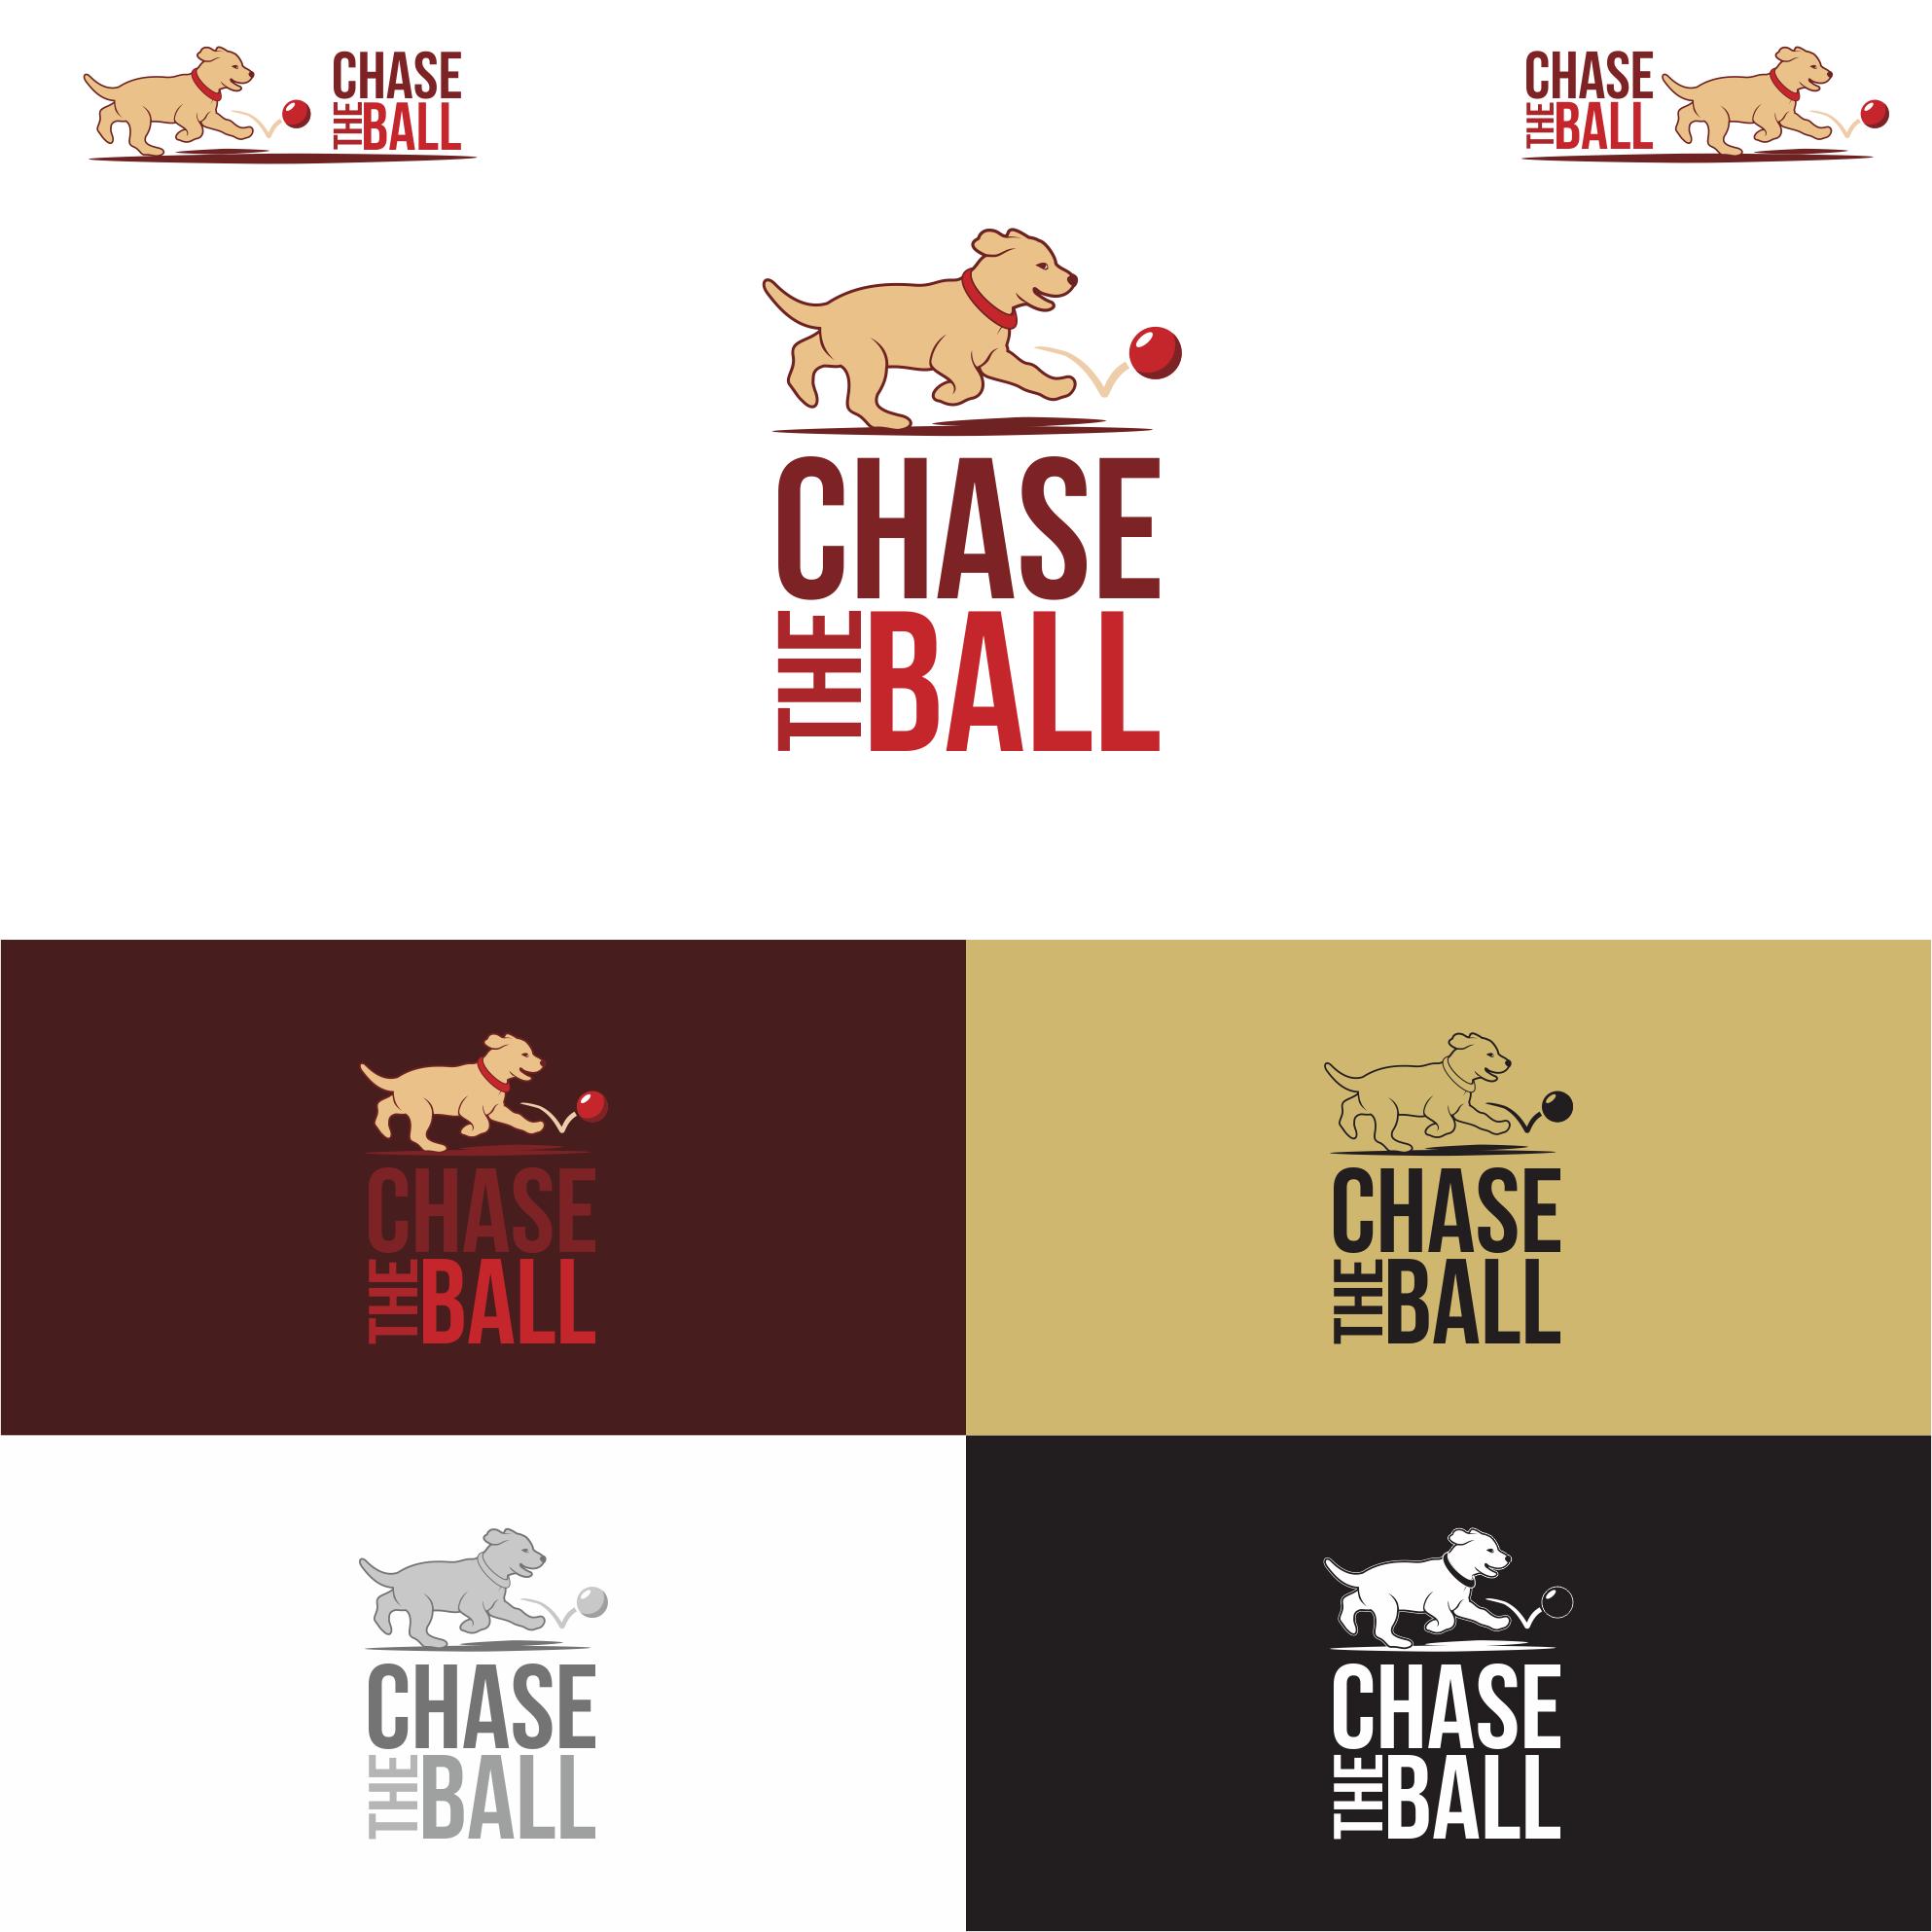 Create a playful golden retriever chasing a red ball